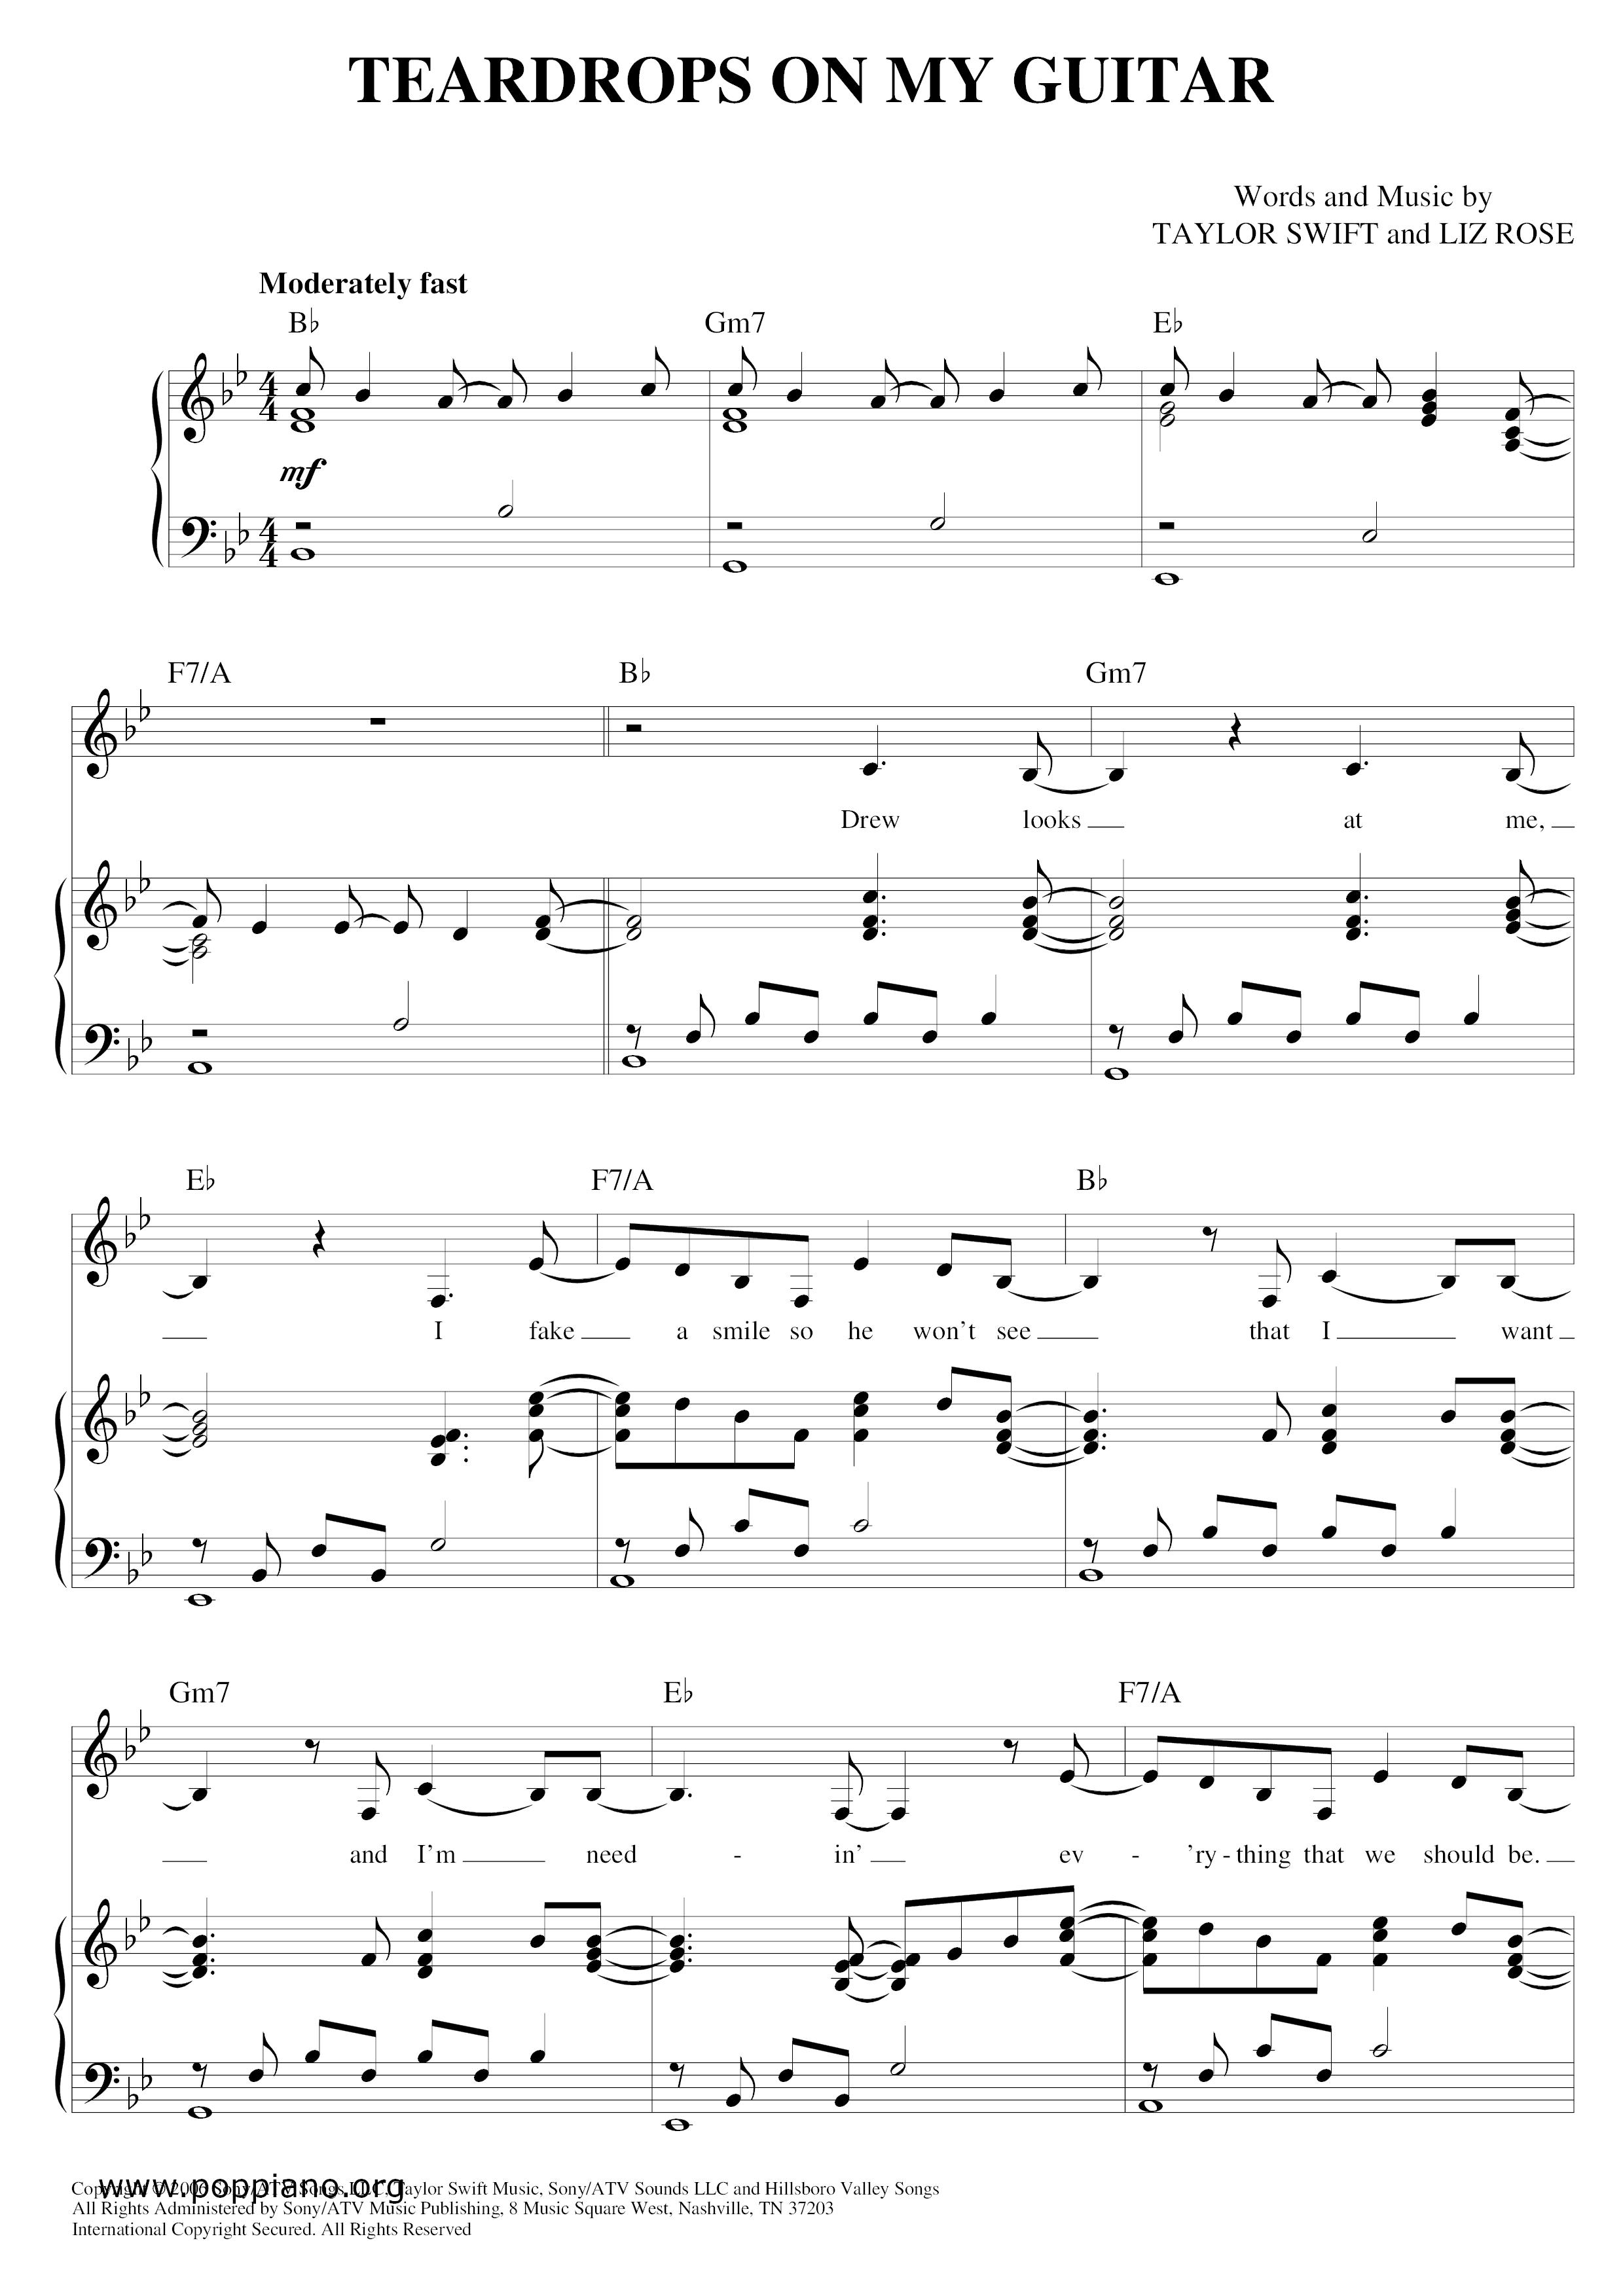 Taylor Swift Teardrops On My Guitar Sheet Music Pdf Free Score Download